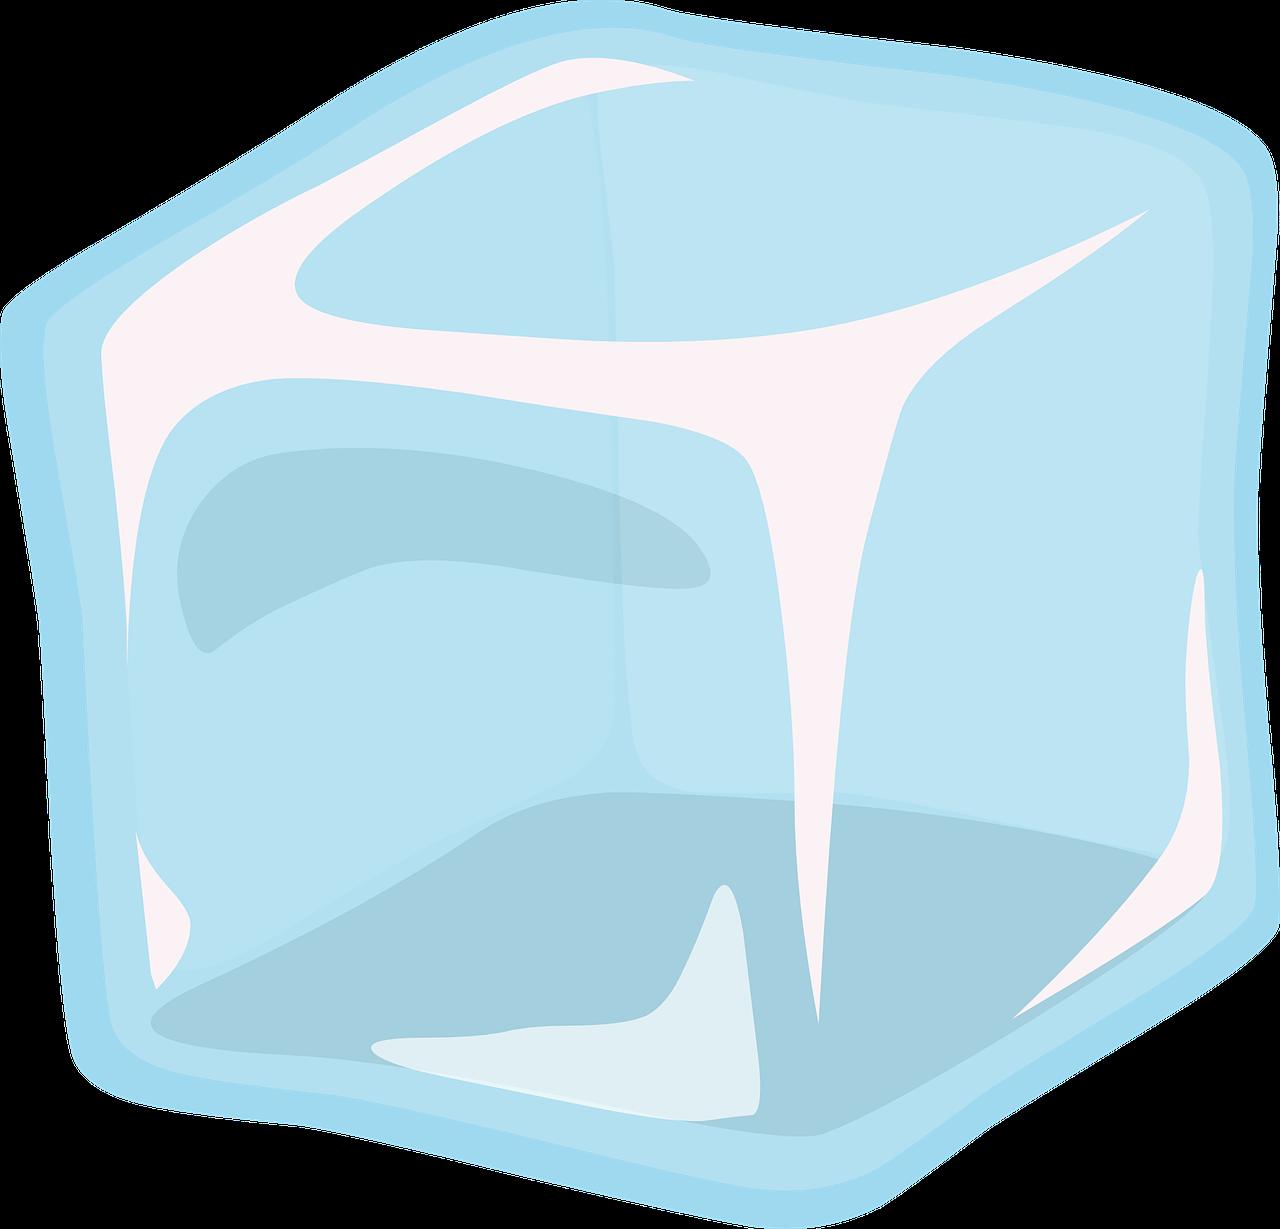 ice-576352_1280